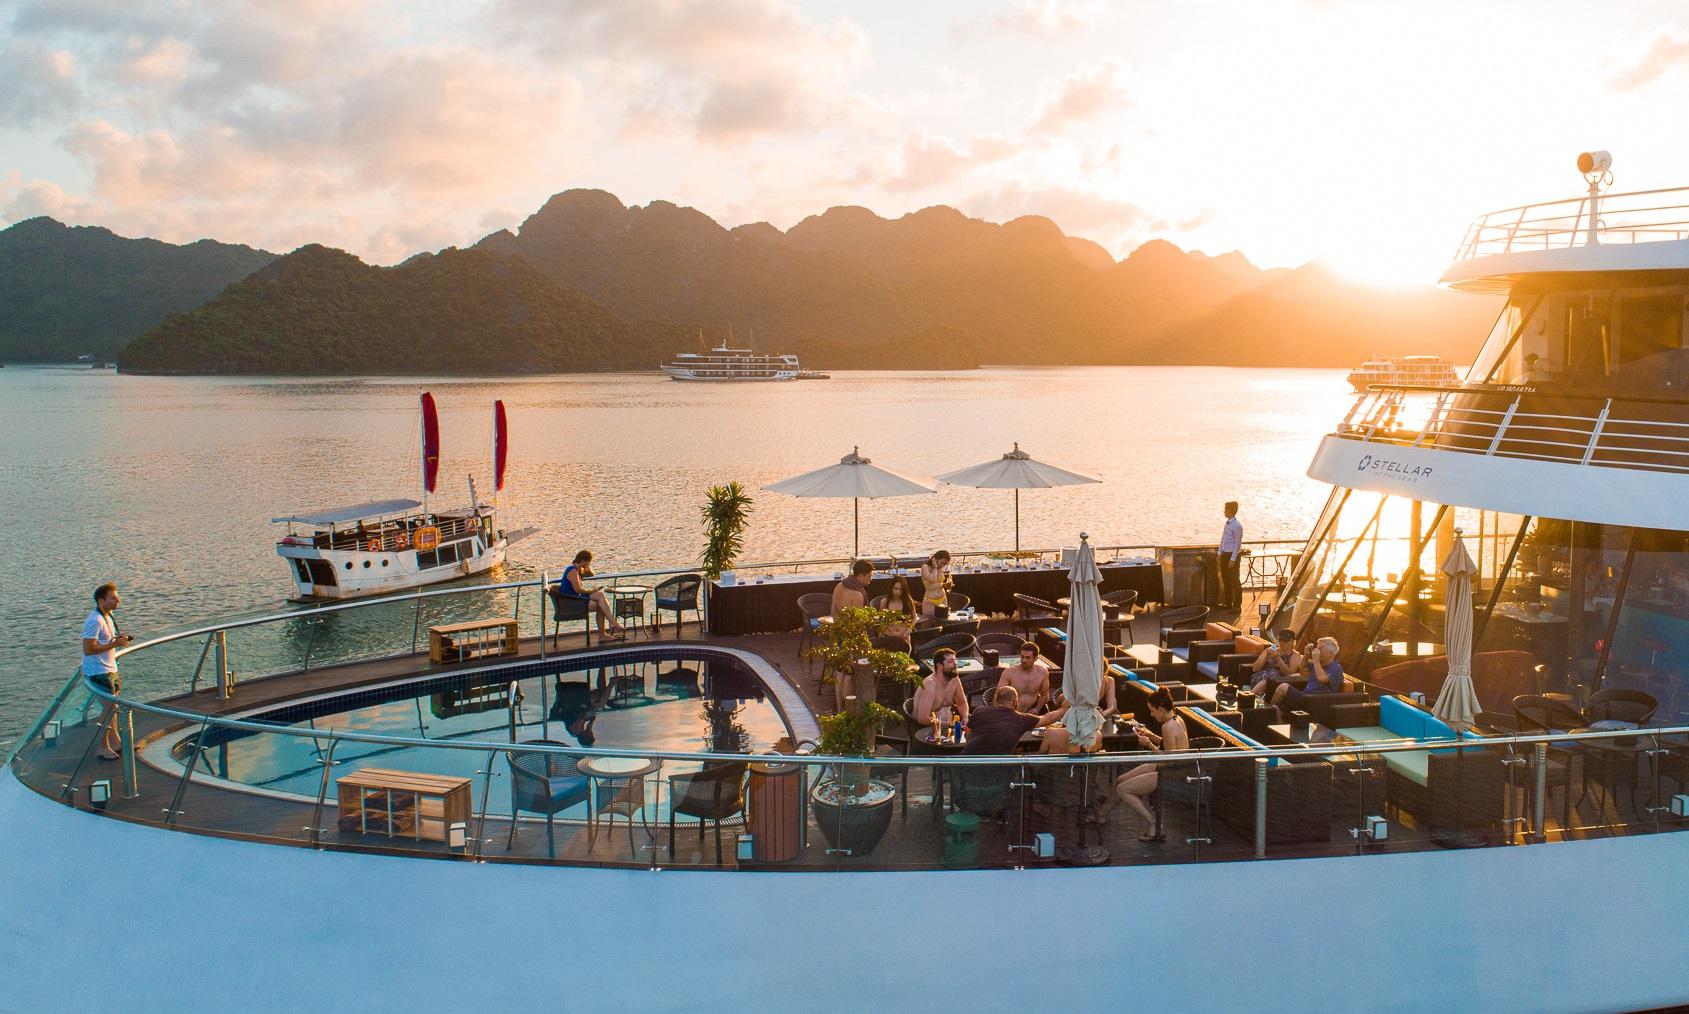 Sunset View in Lan Ha Bay